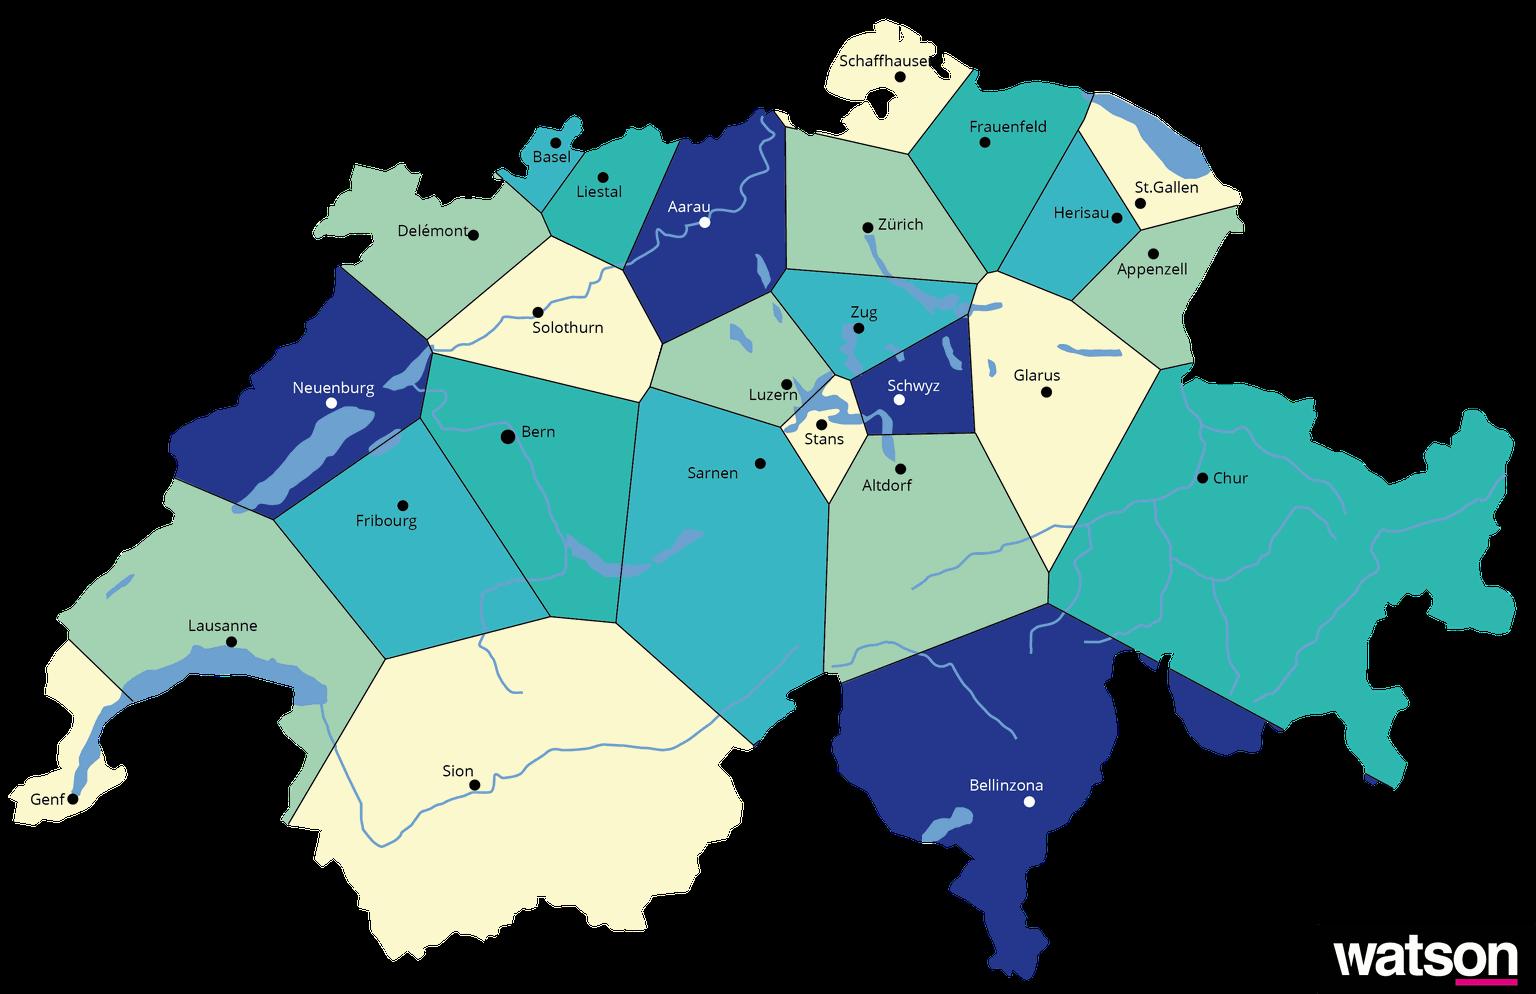 Freiburg Schweiz Karte.Die Karte Der Schweiz Die Kantonsgrenzen Nach Voronoi Watson